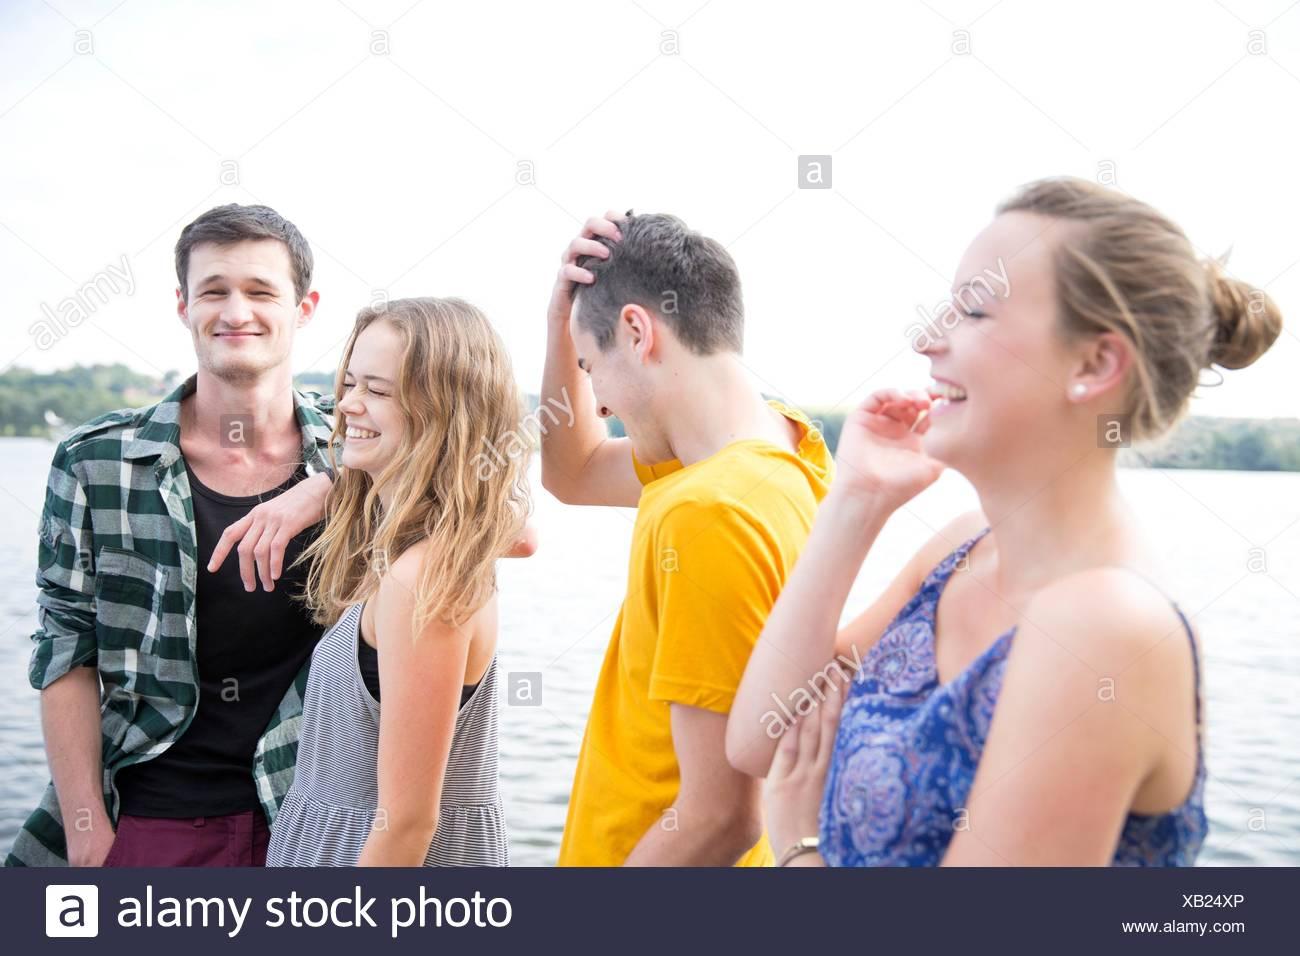 El grupo de adultos jóvenes, al aire libre, riendo Imagen De Stock